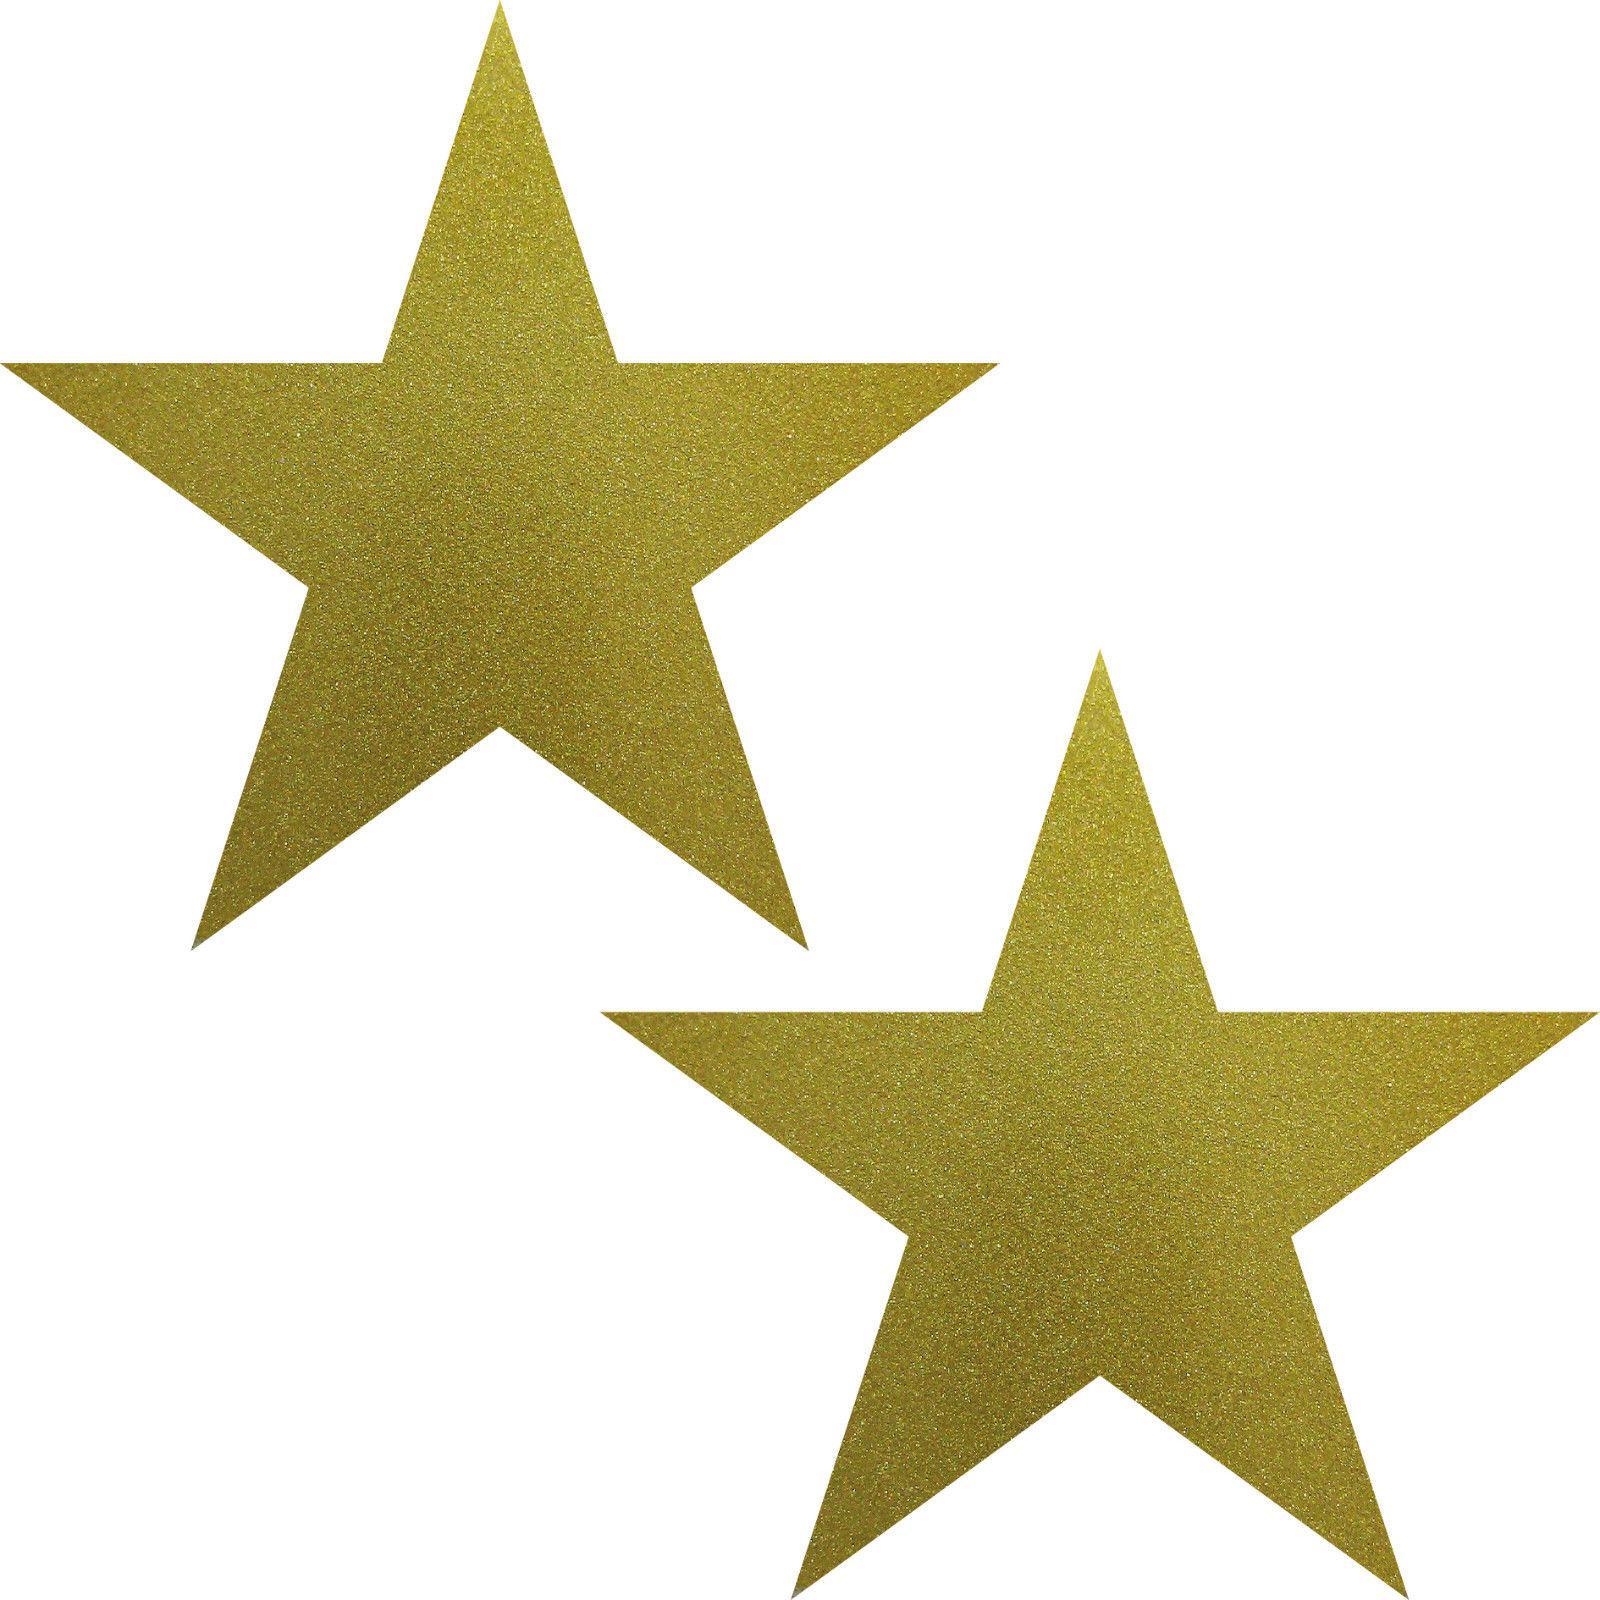 Stern Sterne Aufkleber Tattoo Deko Folie Klebestern für Auto